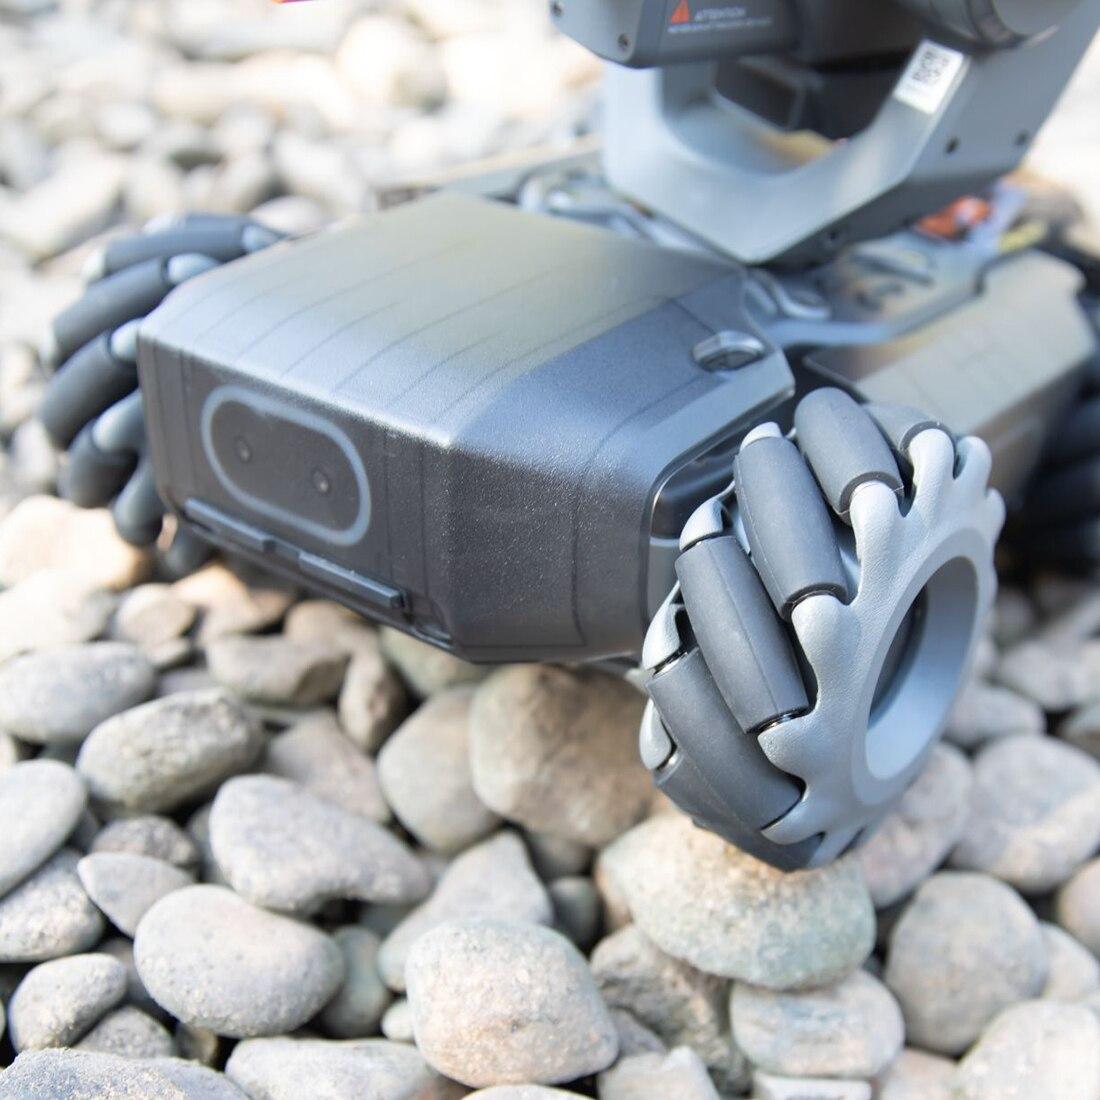 Para DJI RoboMaster S1 soporte de rueda de rodamiento de actualización rueda de rodamiento básico